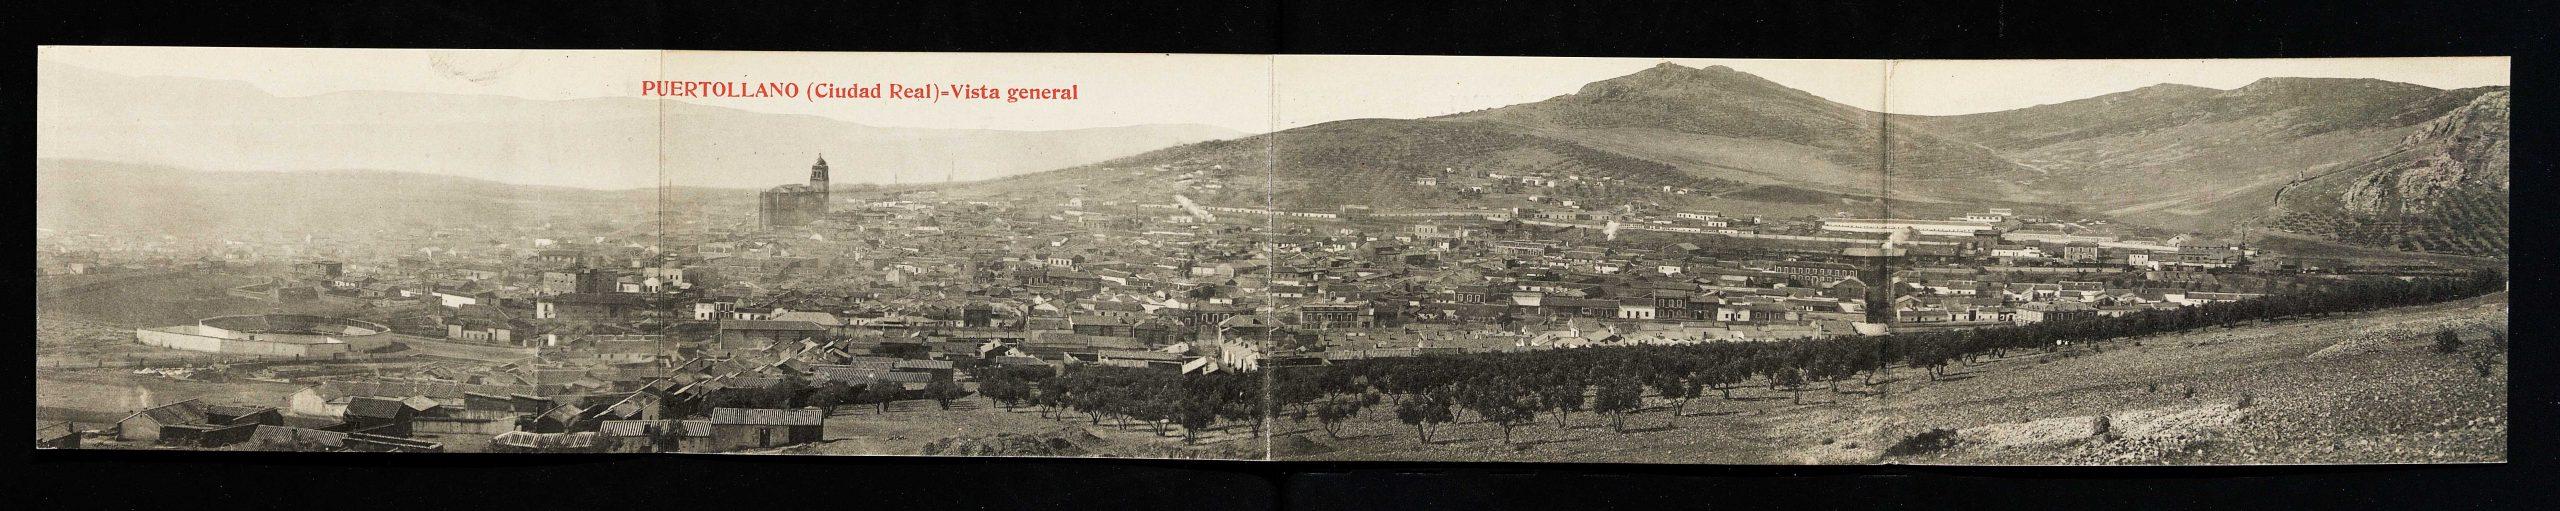 Vista general de Puertollano. Fotografía Enrique Malagón